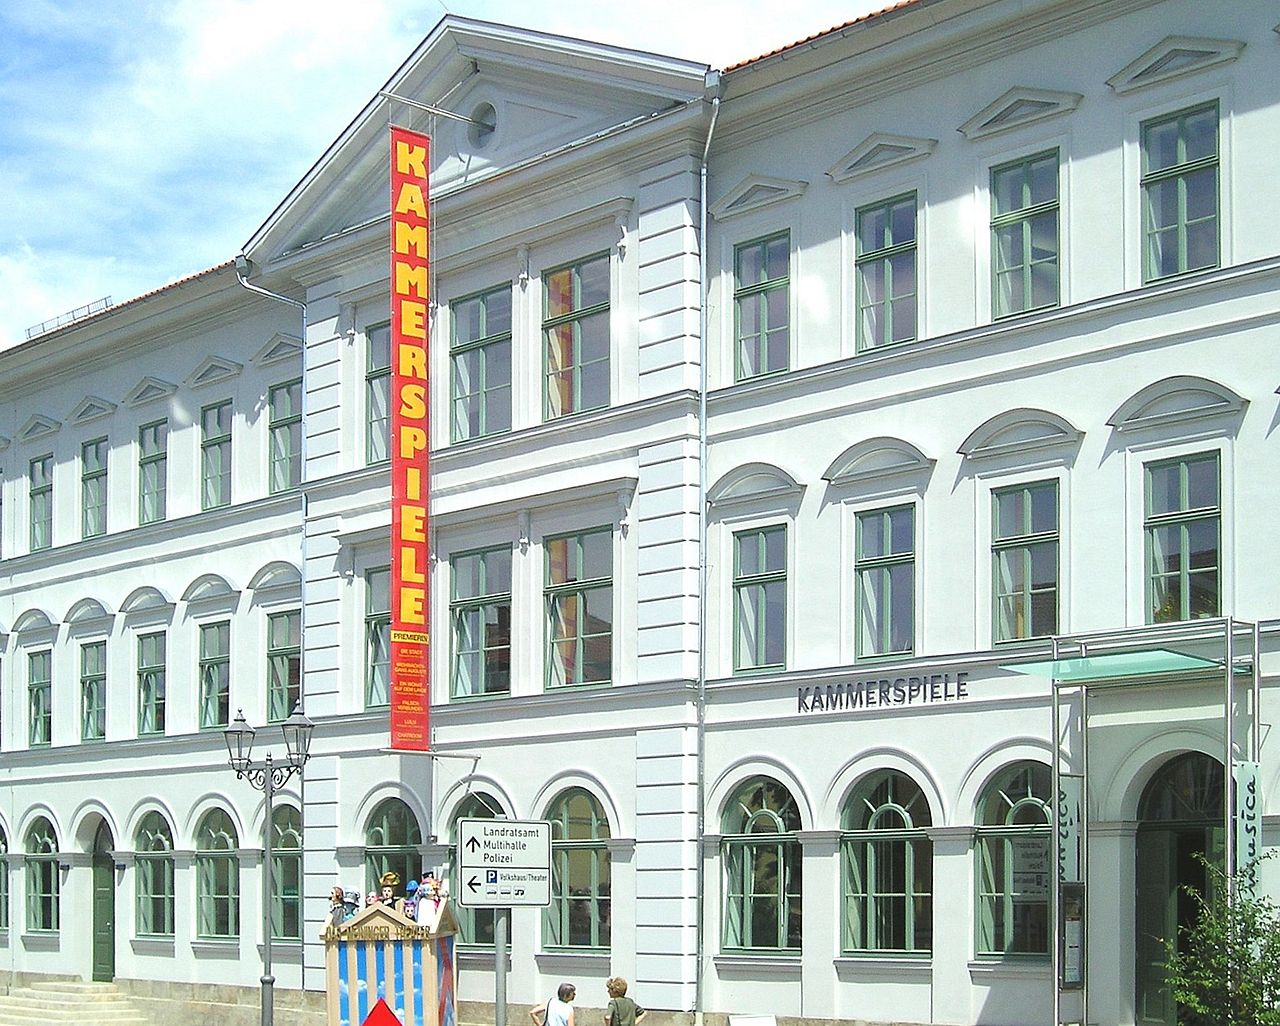 Bild Kammerspiele Meiningen